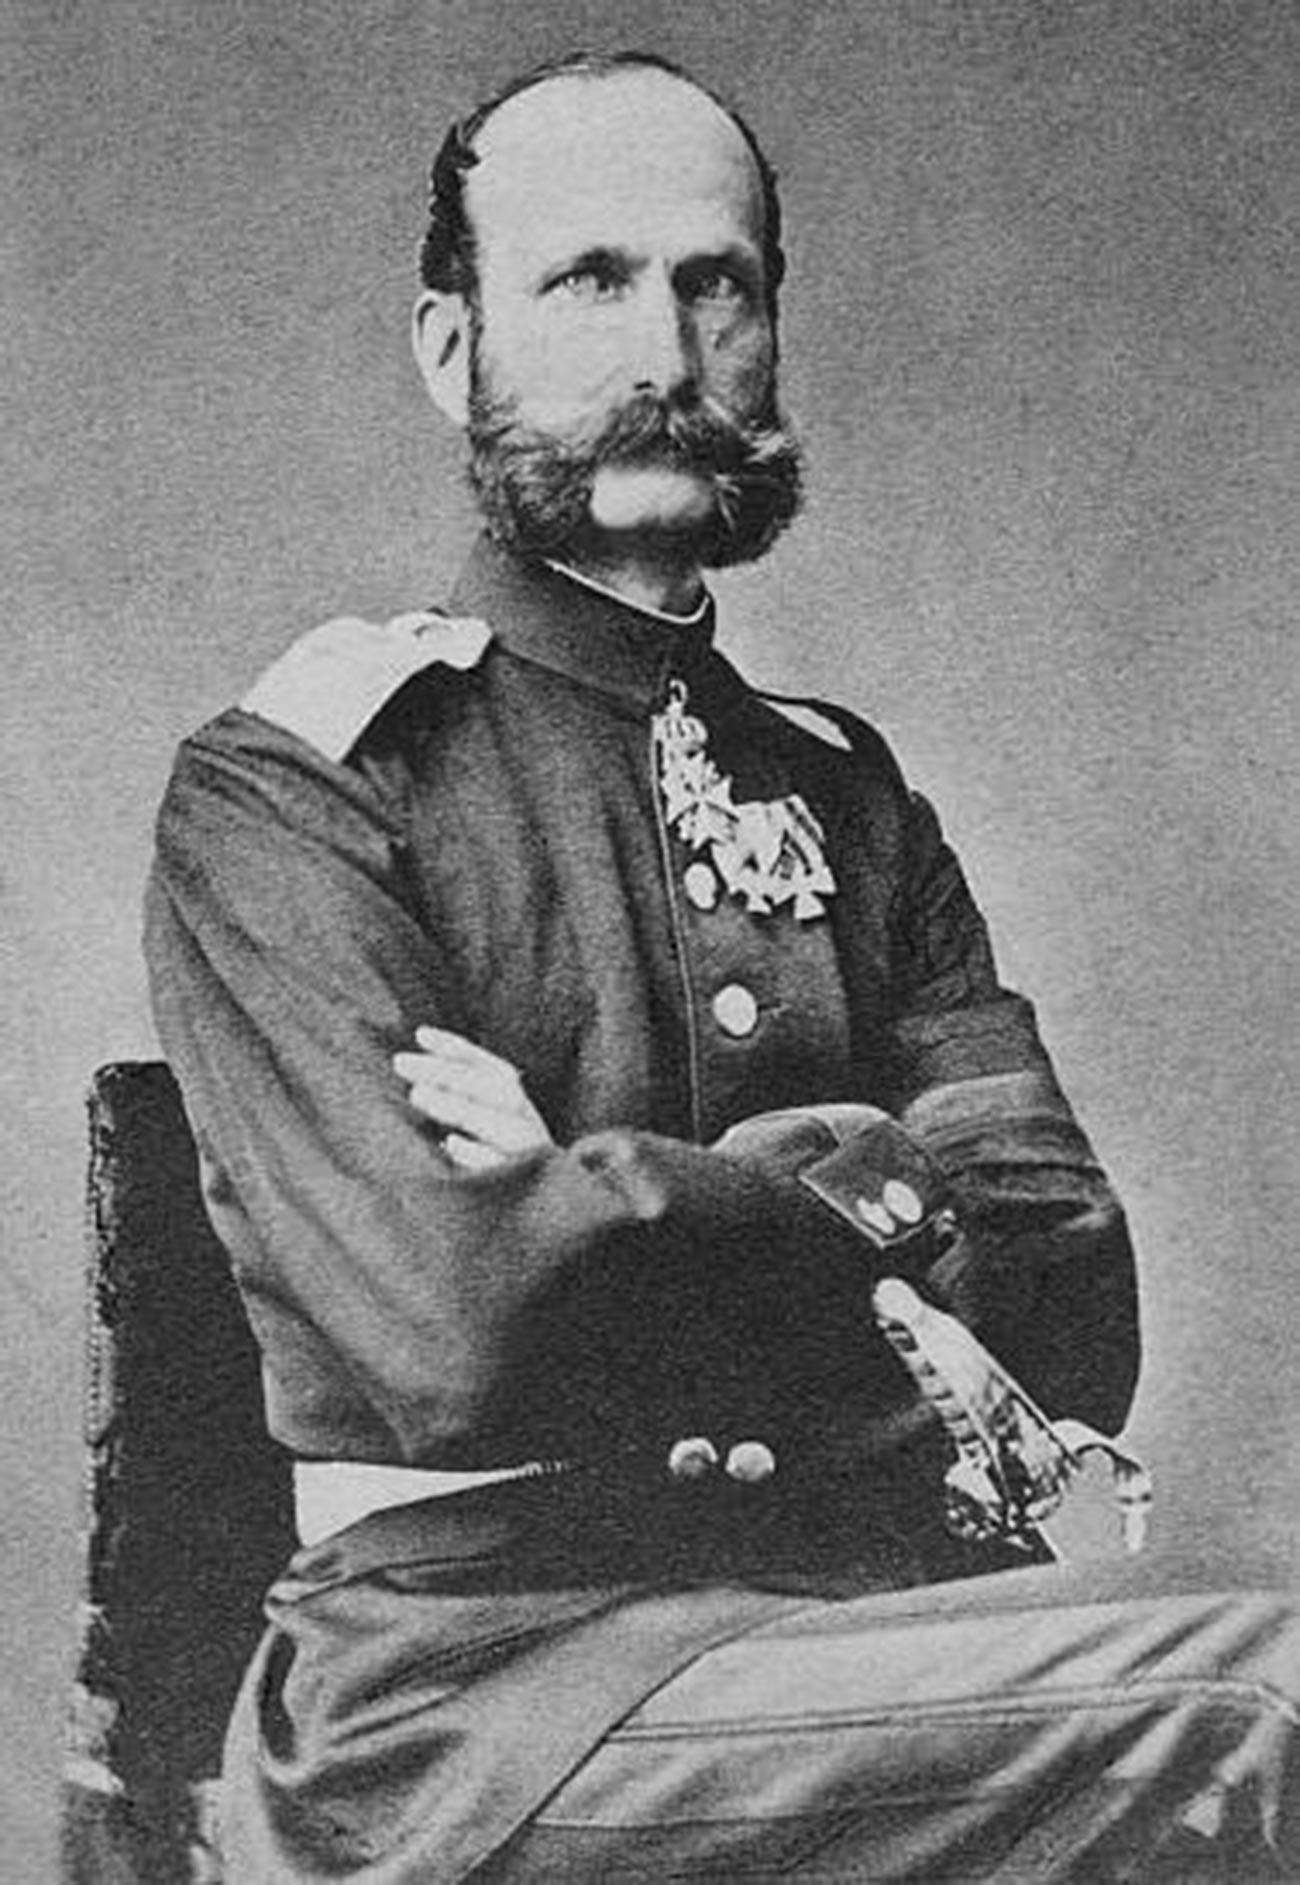 Принц Александър Лудвиг Георг Фридрих Емил от Хесен (1823-1898), трети син и четвърто дете на Лудвиг II, велик херцог на Хесен, и Вилхелмина от Баден, родена в Дармщат (Германия). Около 1870.